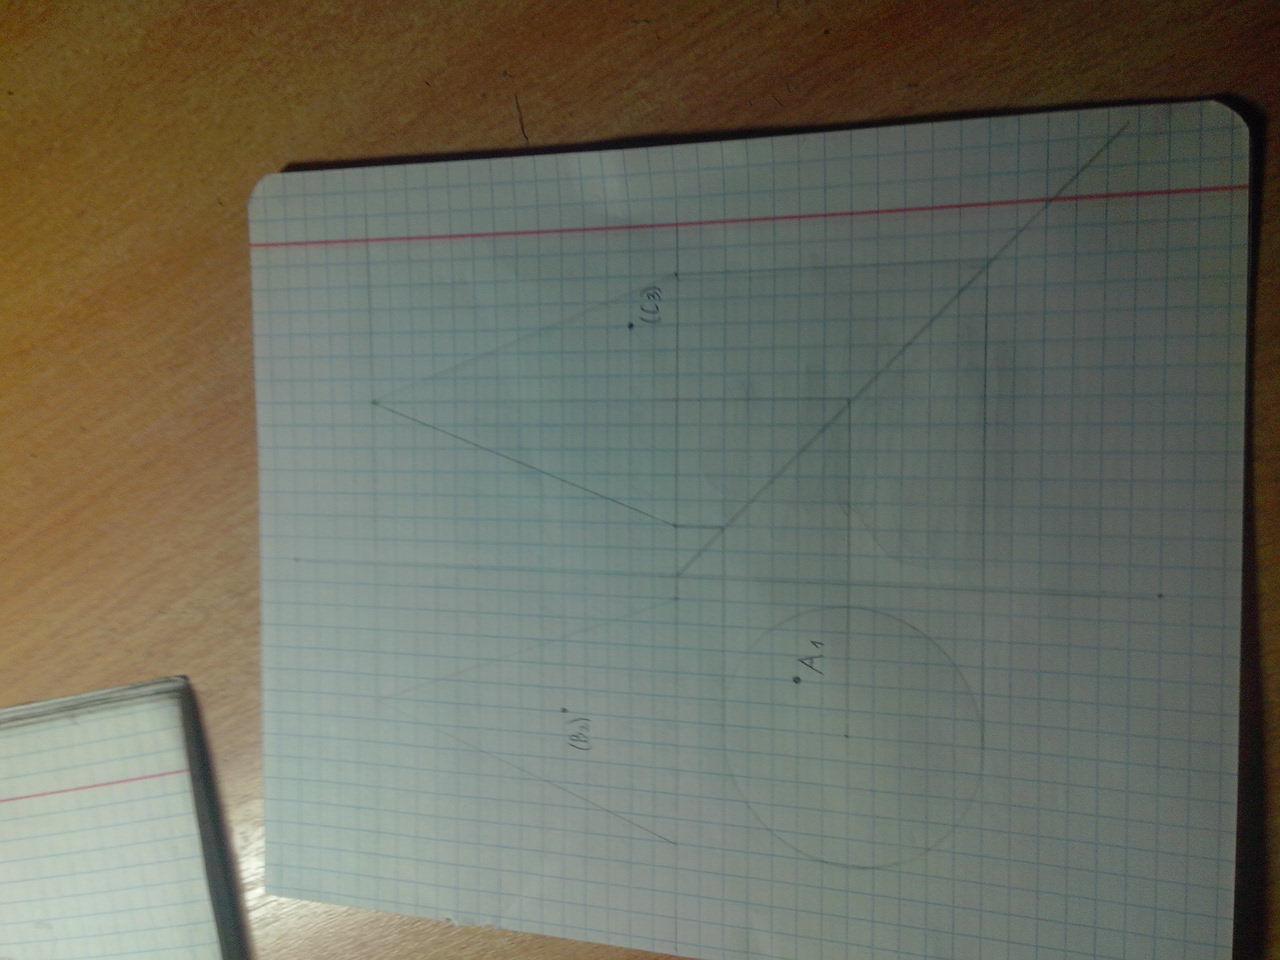 Постройте хотябы одну точку на конусе (например, есть А1, нужны А2 и А3)?